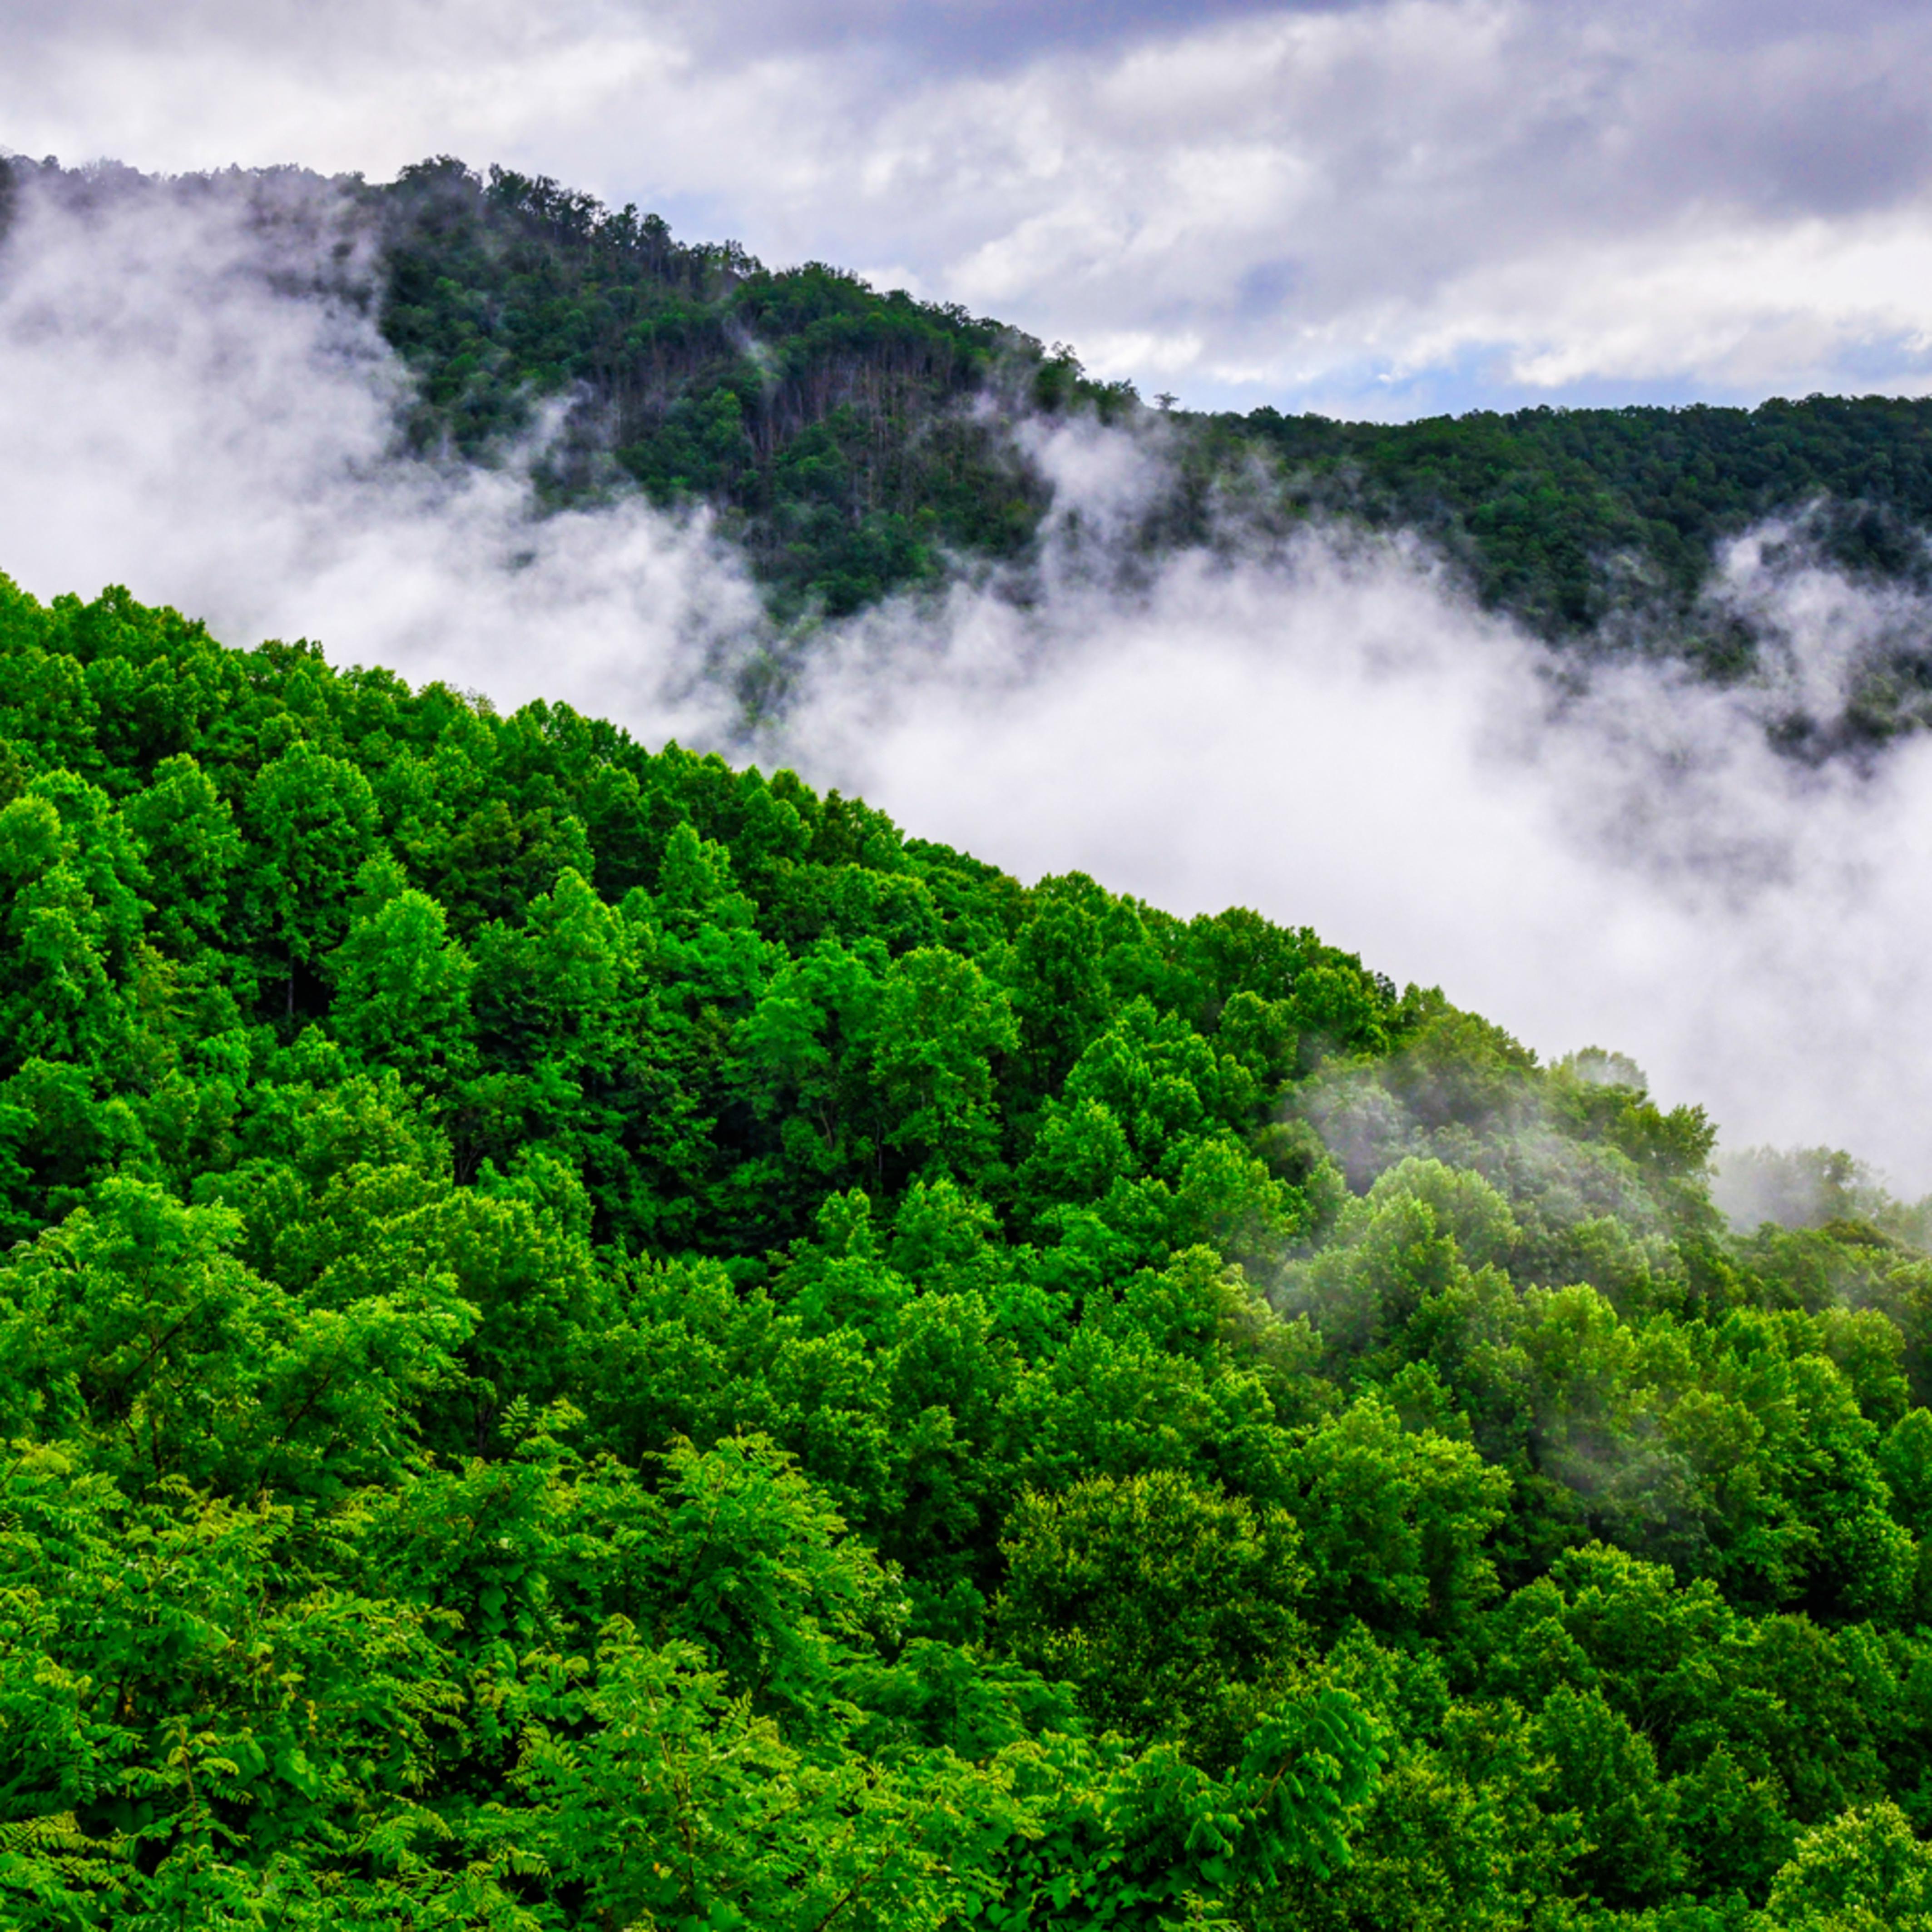 Andy crawford photography natahala clouds rising hlzvc7